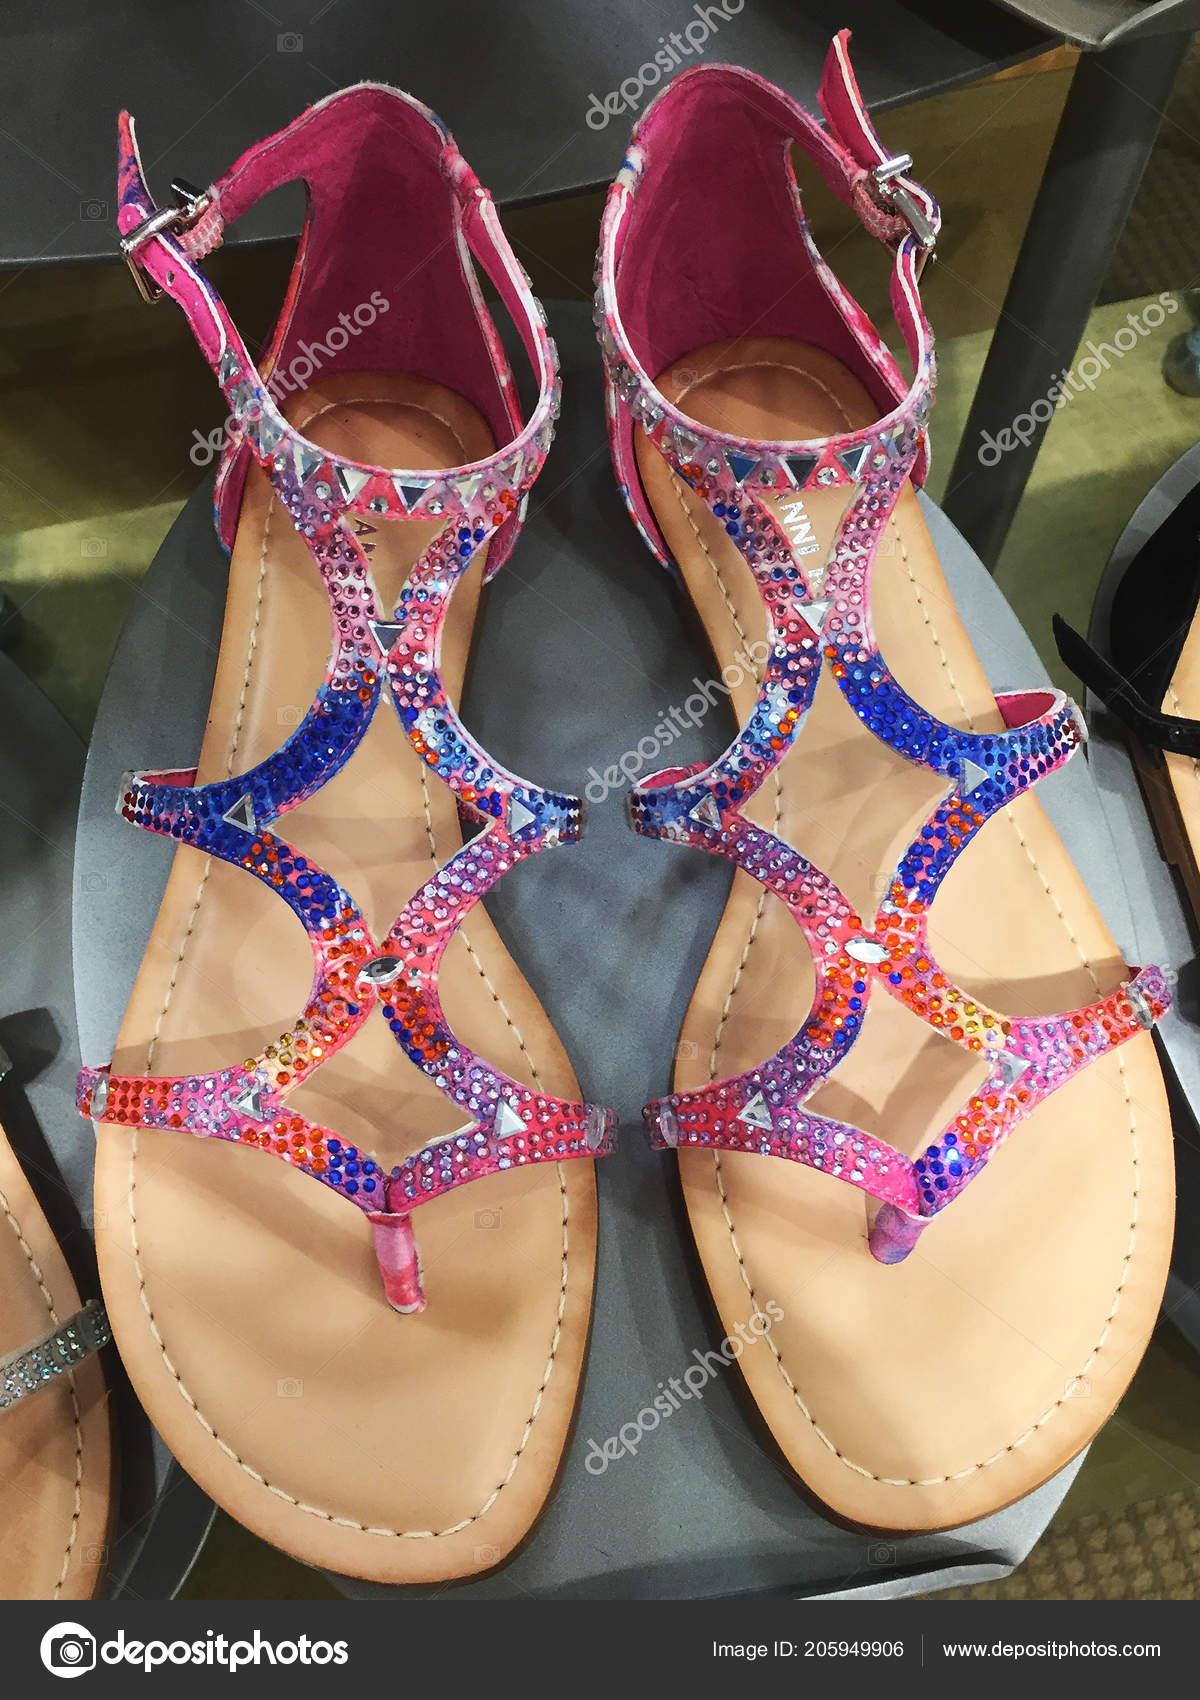 456b3b46cf067d Великий вибір жіночого взуття на полиці на продаж для жінок дивитися на в  за Ділларда універмагу в торговому центрі Чандлер в Арізоні Чандлер– Стокова  ...